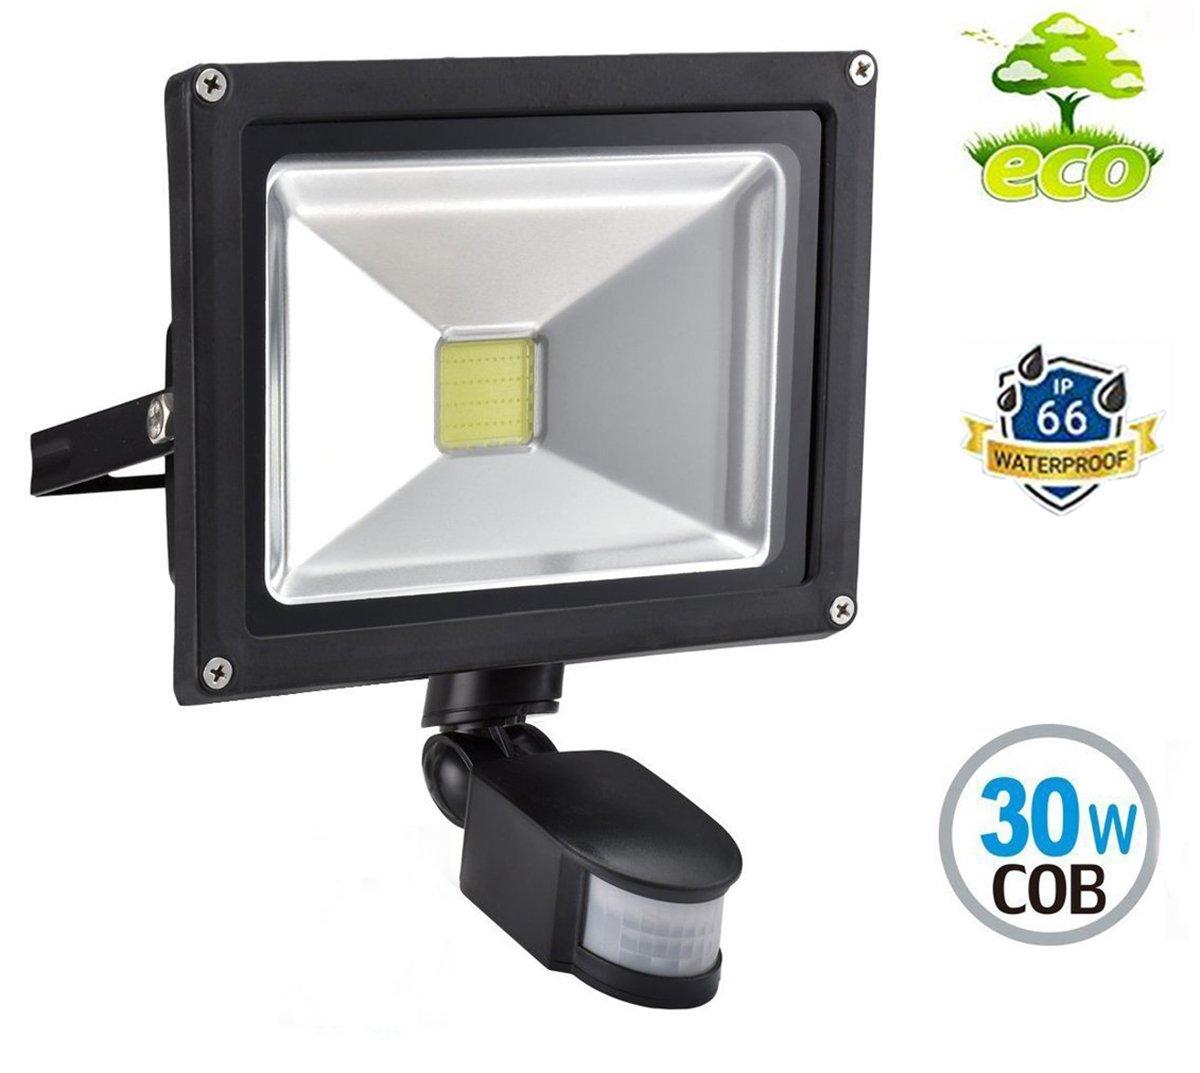 LED Strahler mit Bewegungsmelder Außen 10W Fluter 3000K Warmweiß Außenleuchte IP66 Wasserdicht Scheinwerfer für Garten, Garage, Hotel (Mit keinem Stecker) W-LITE